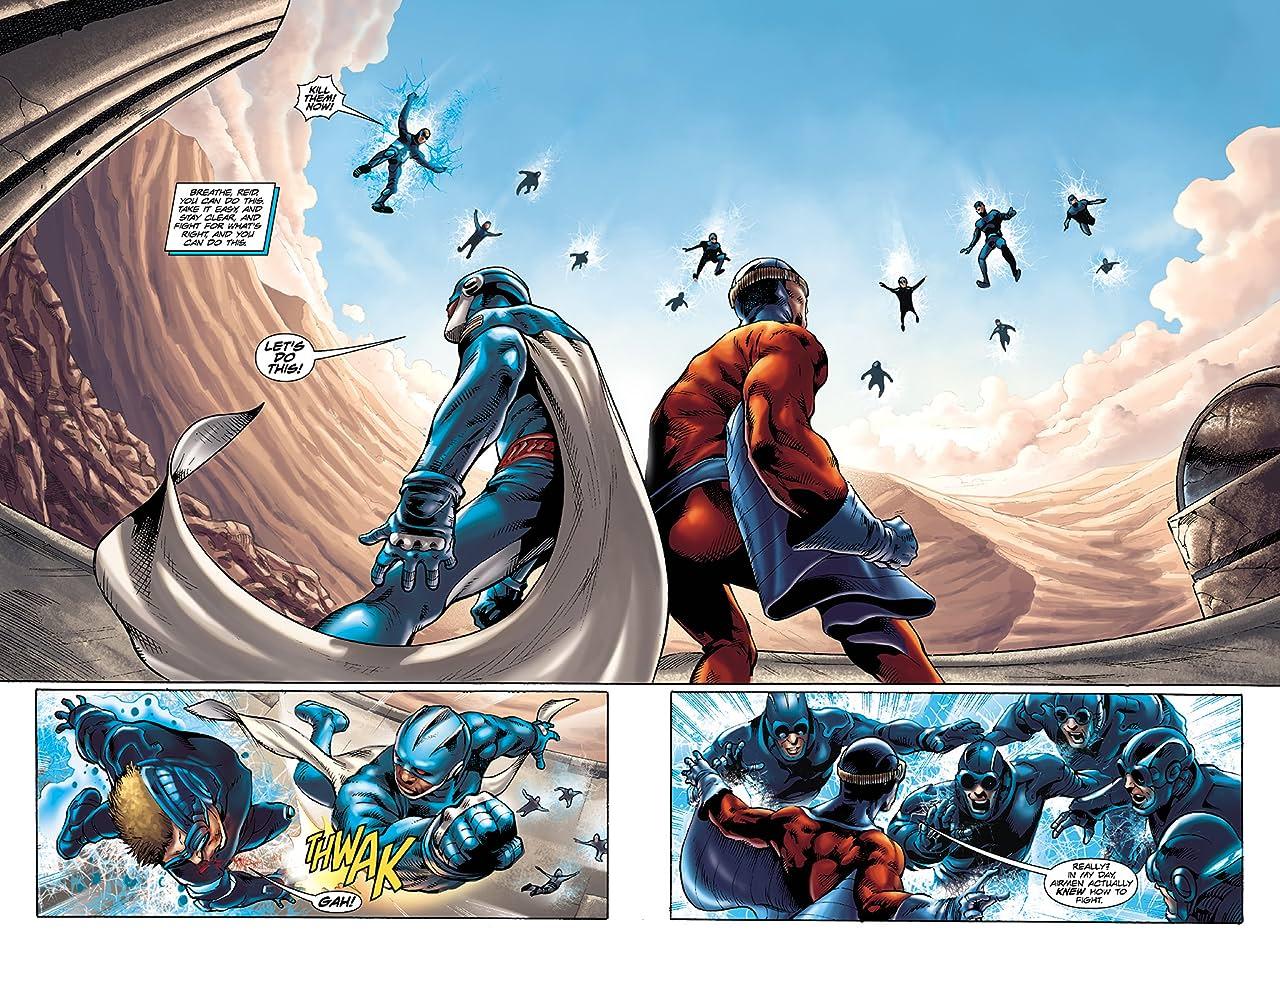 Skyman #4